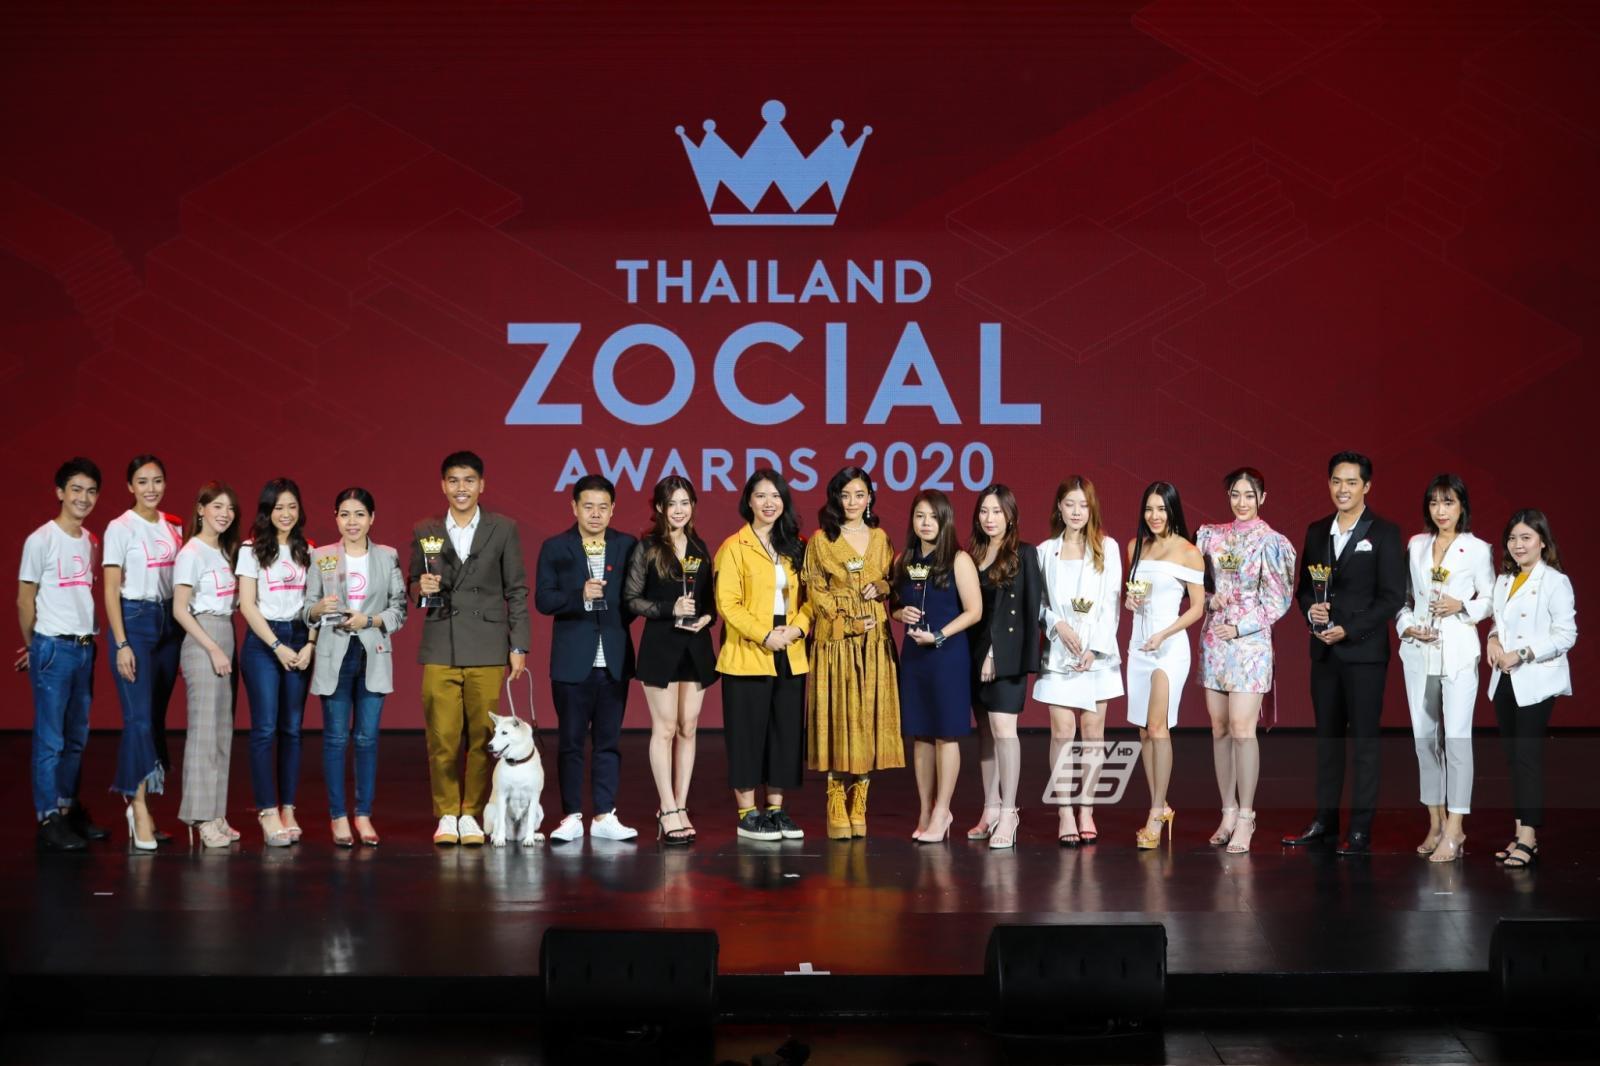 """ไวซ์ไซท์ ประกาศผลรางวัล """"Thailand Zocial Awards 2020"""" สำหรับคนโซเชียล"""